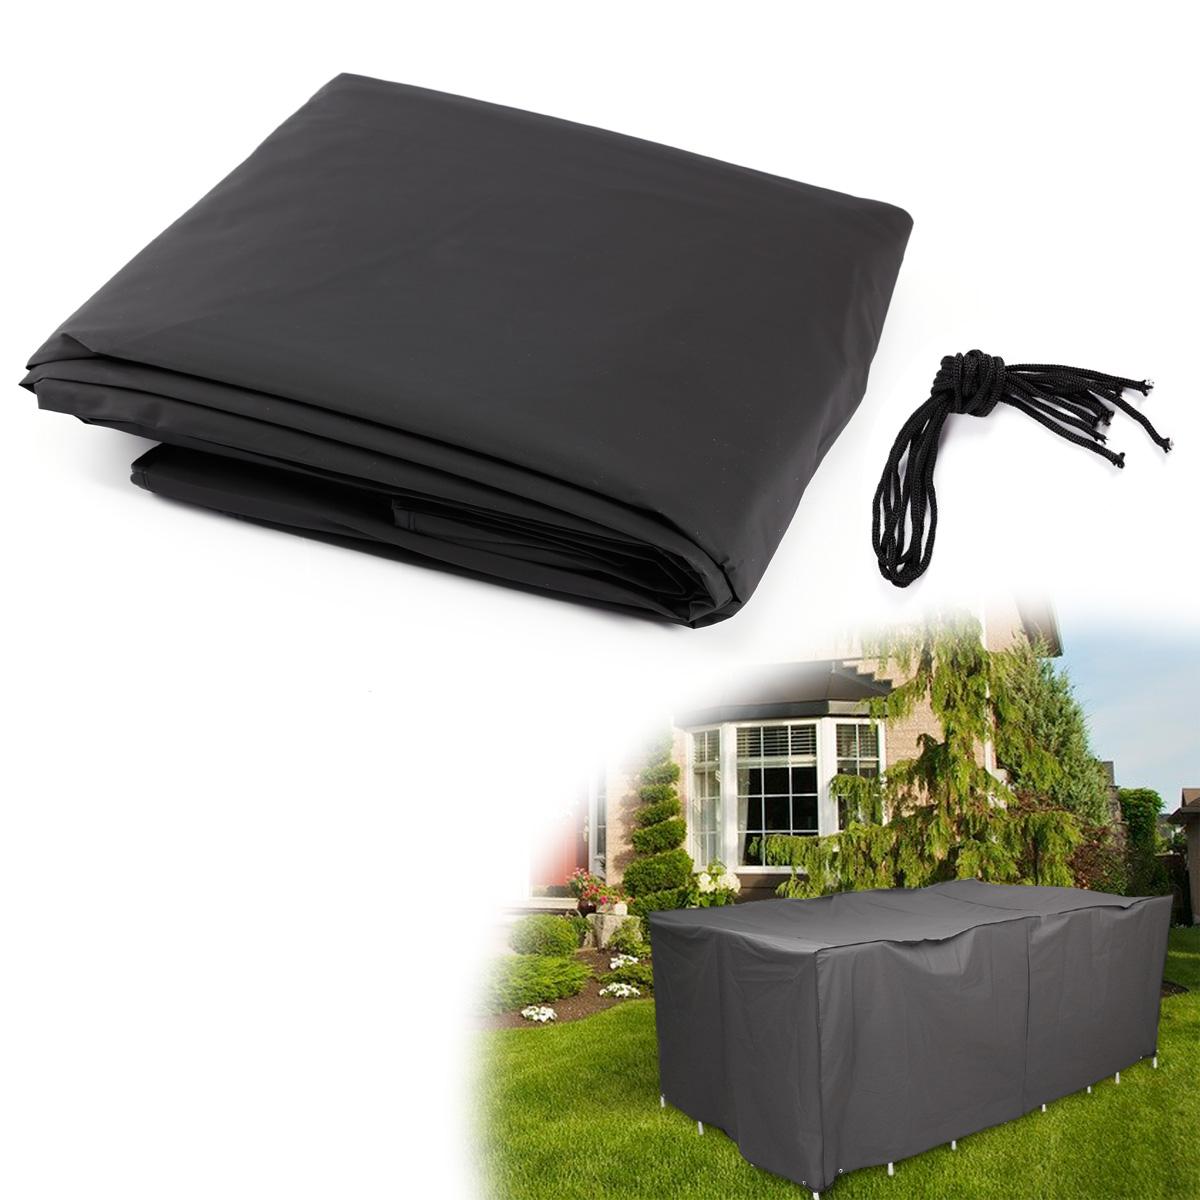 housse de protection noir pour meuble de jardin polyethylene 242x162x100cm ebay. Black Bedroom Furniture Sets. Home Design Ideas